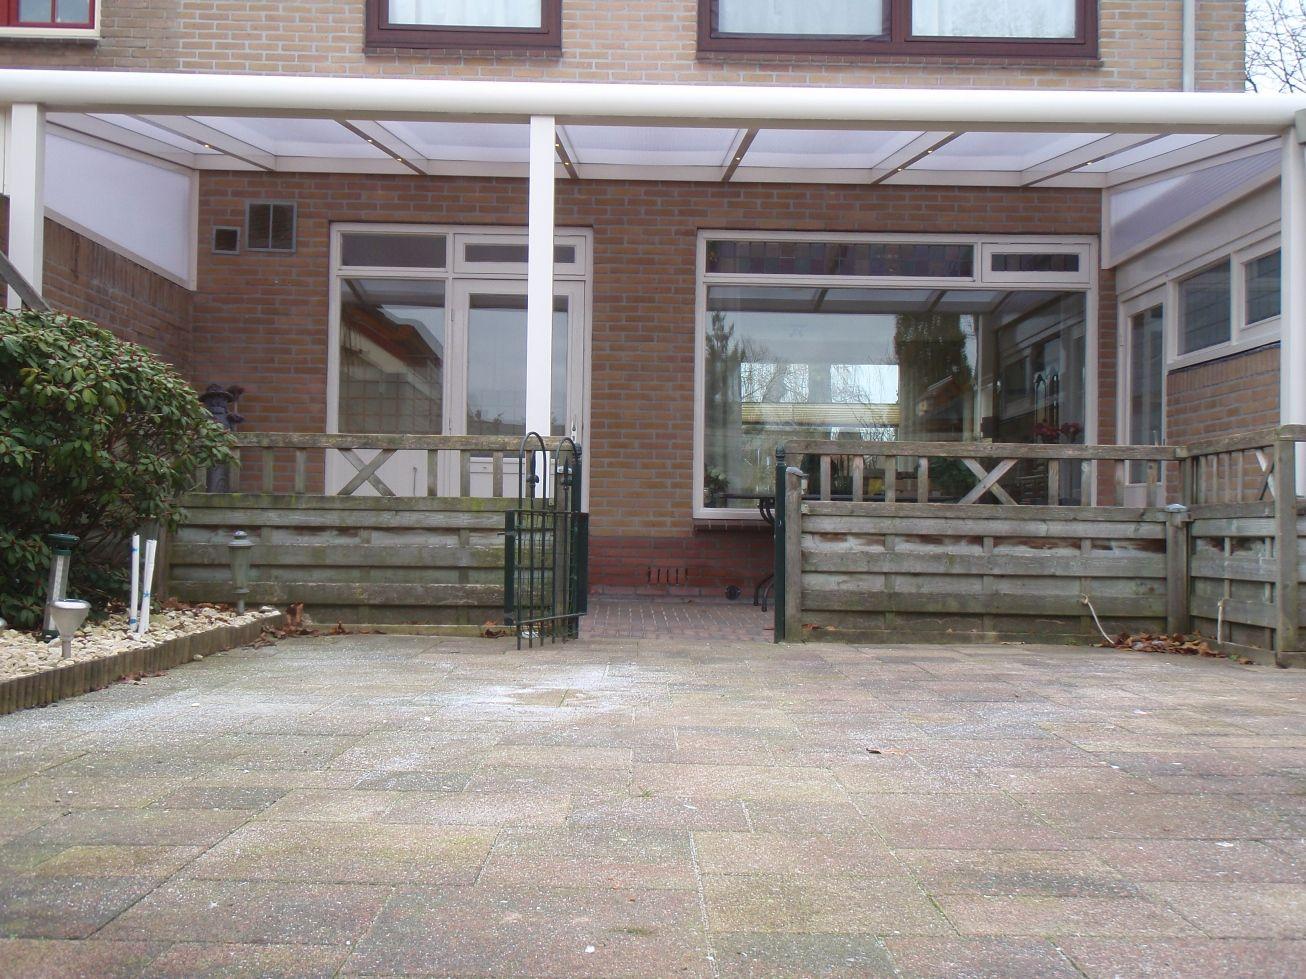 Veranda terrasoverkapping gemaakt van aluminium geeft sfeer in